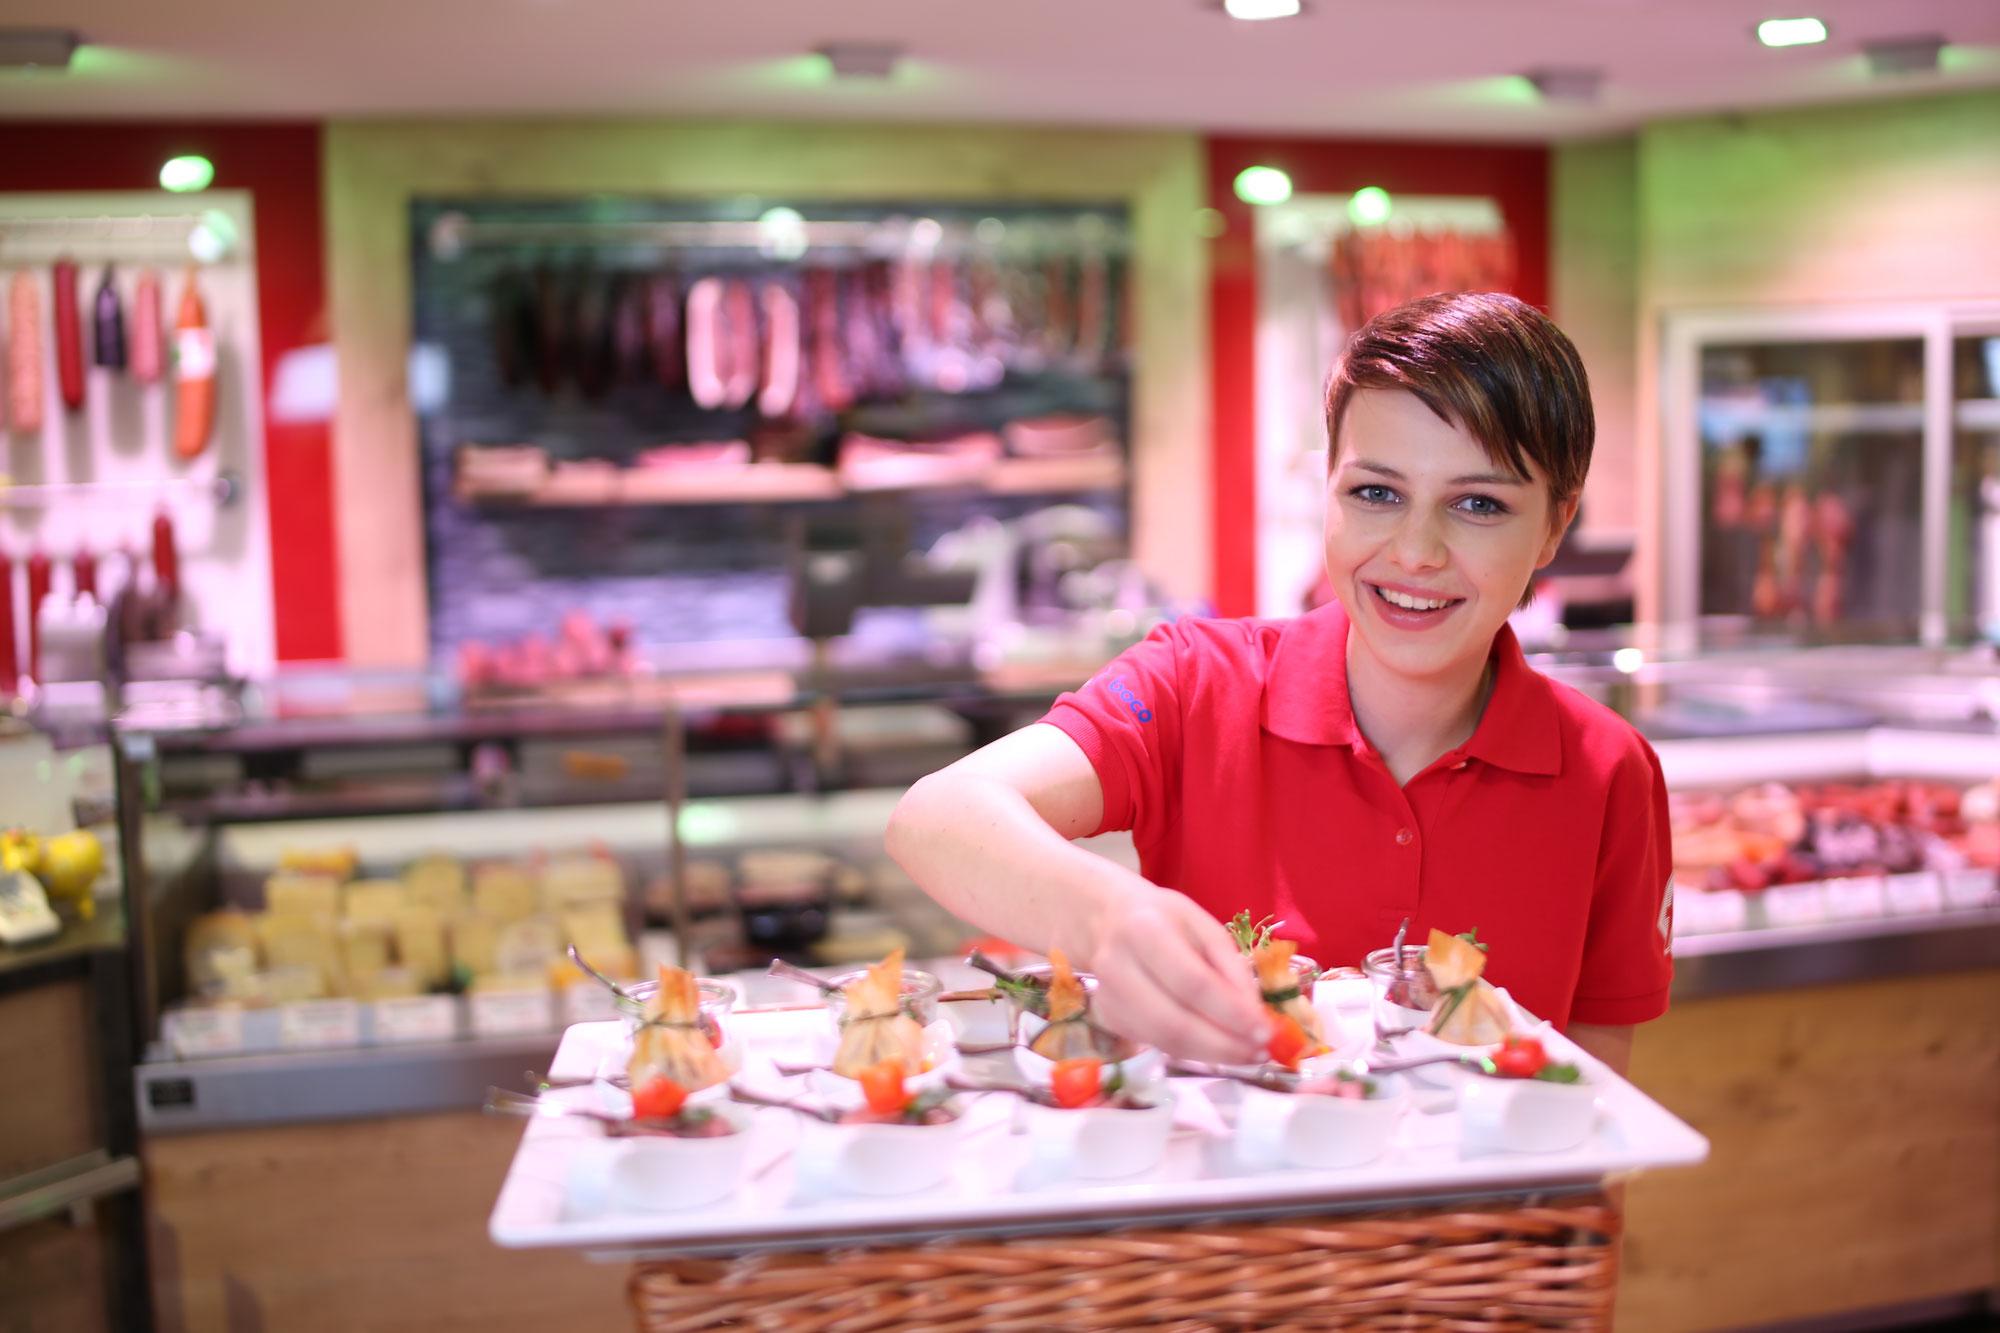 Berufswunsch: Fleischereifachverkäufer/in